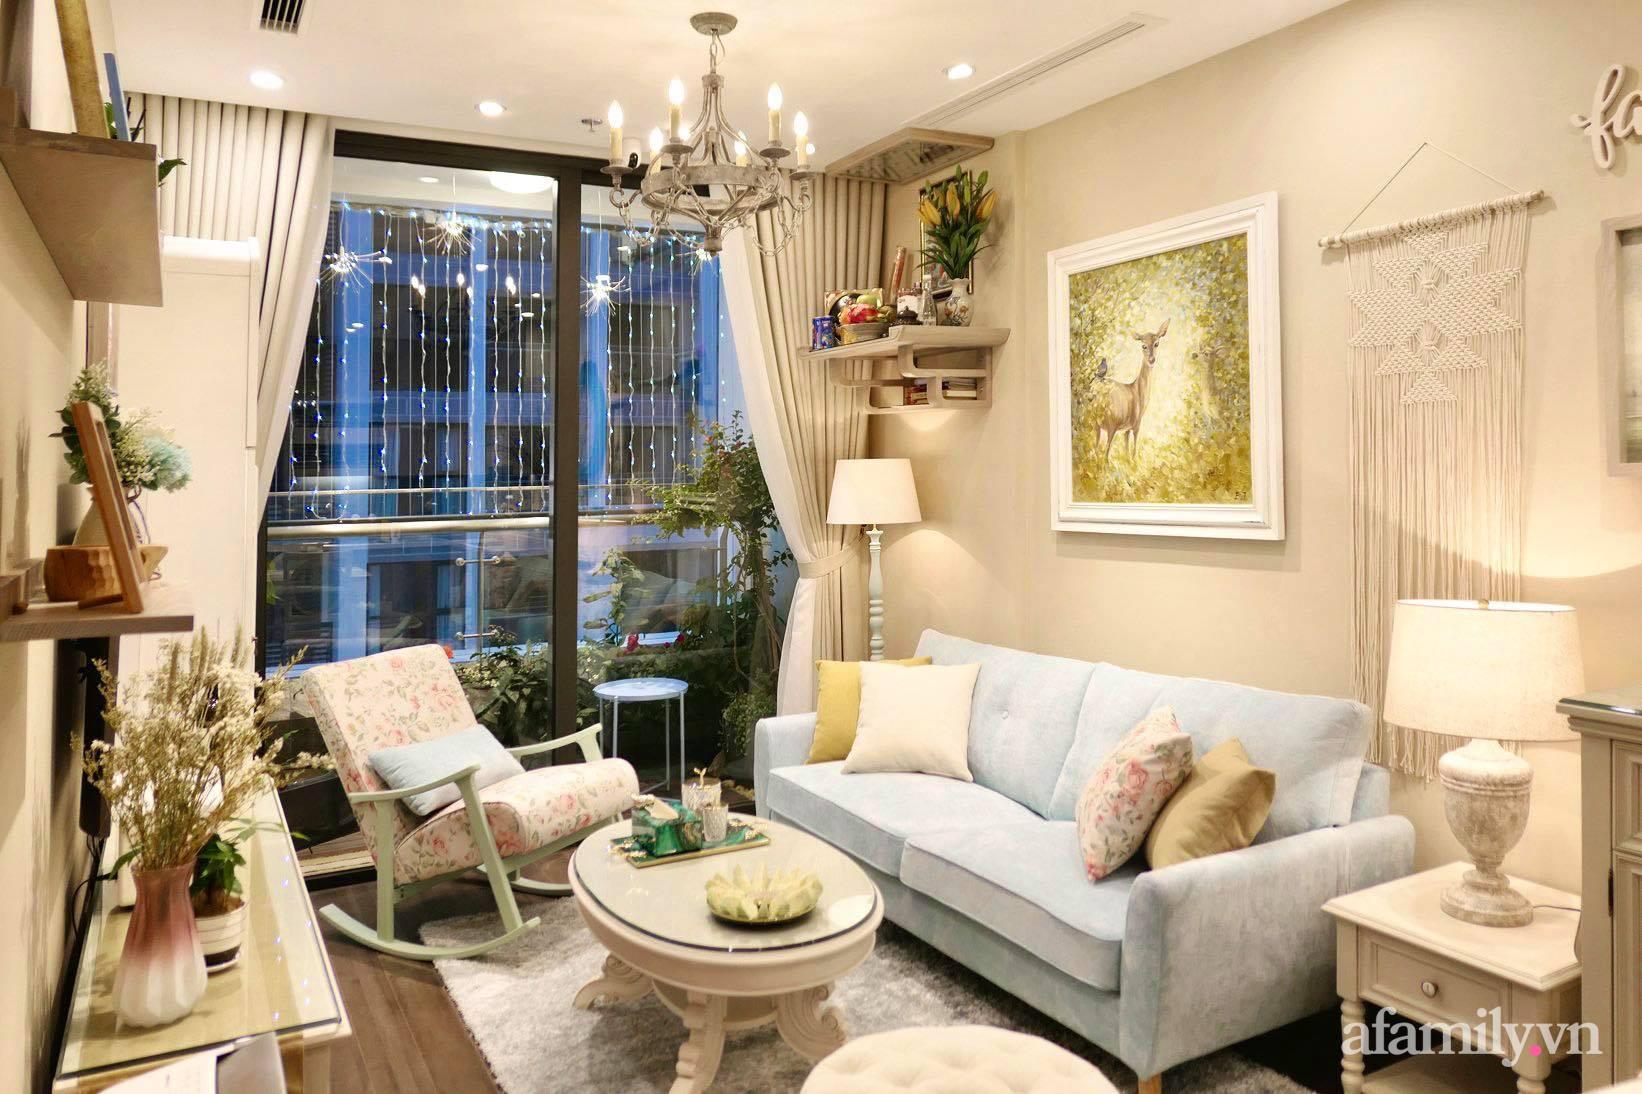 """Căn hộ siêu dễ thương decor theo phong cách Vintage được chủ nhà hoàn thiện """"vội"""" trong 10 ngày ở Hà Nội - Ảnh 3."""